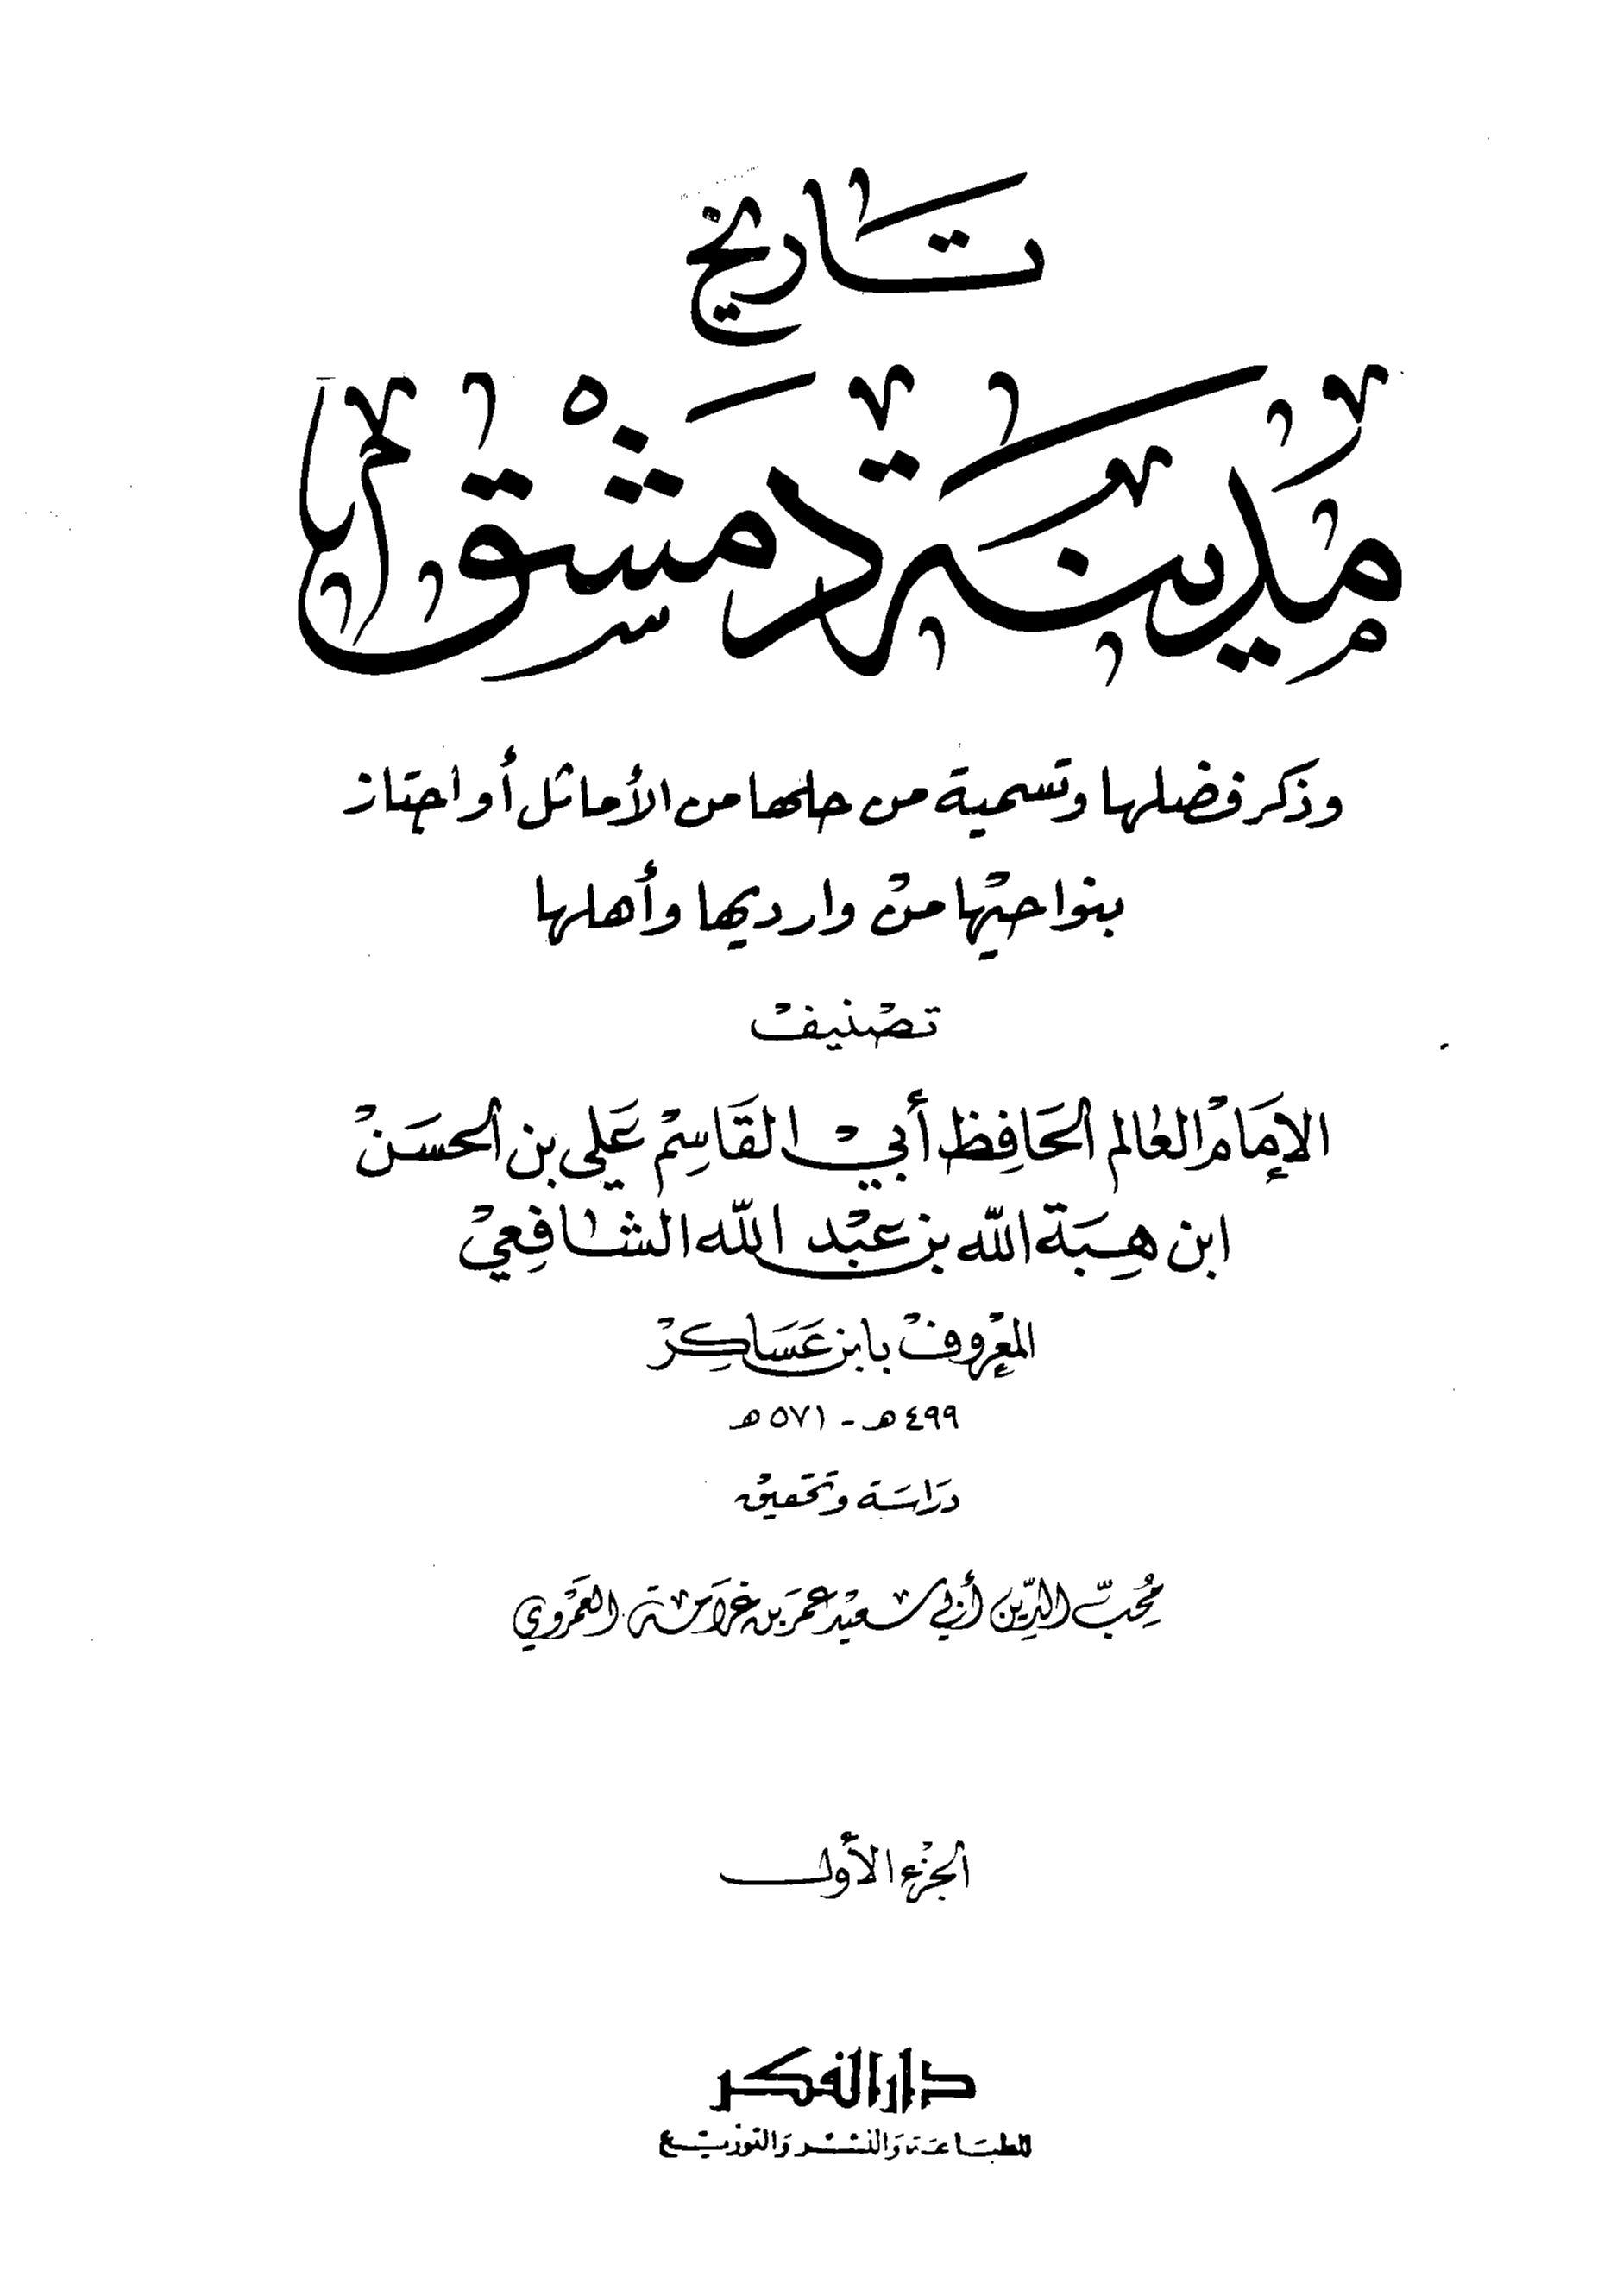 تاريخ مدينة دمشق – مقدمة التحقيق